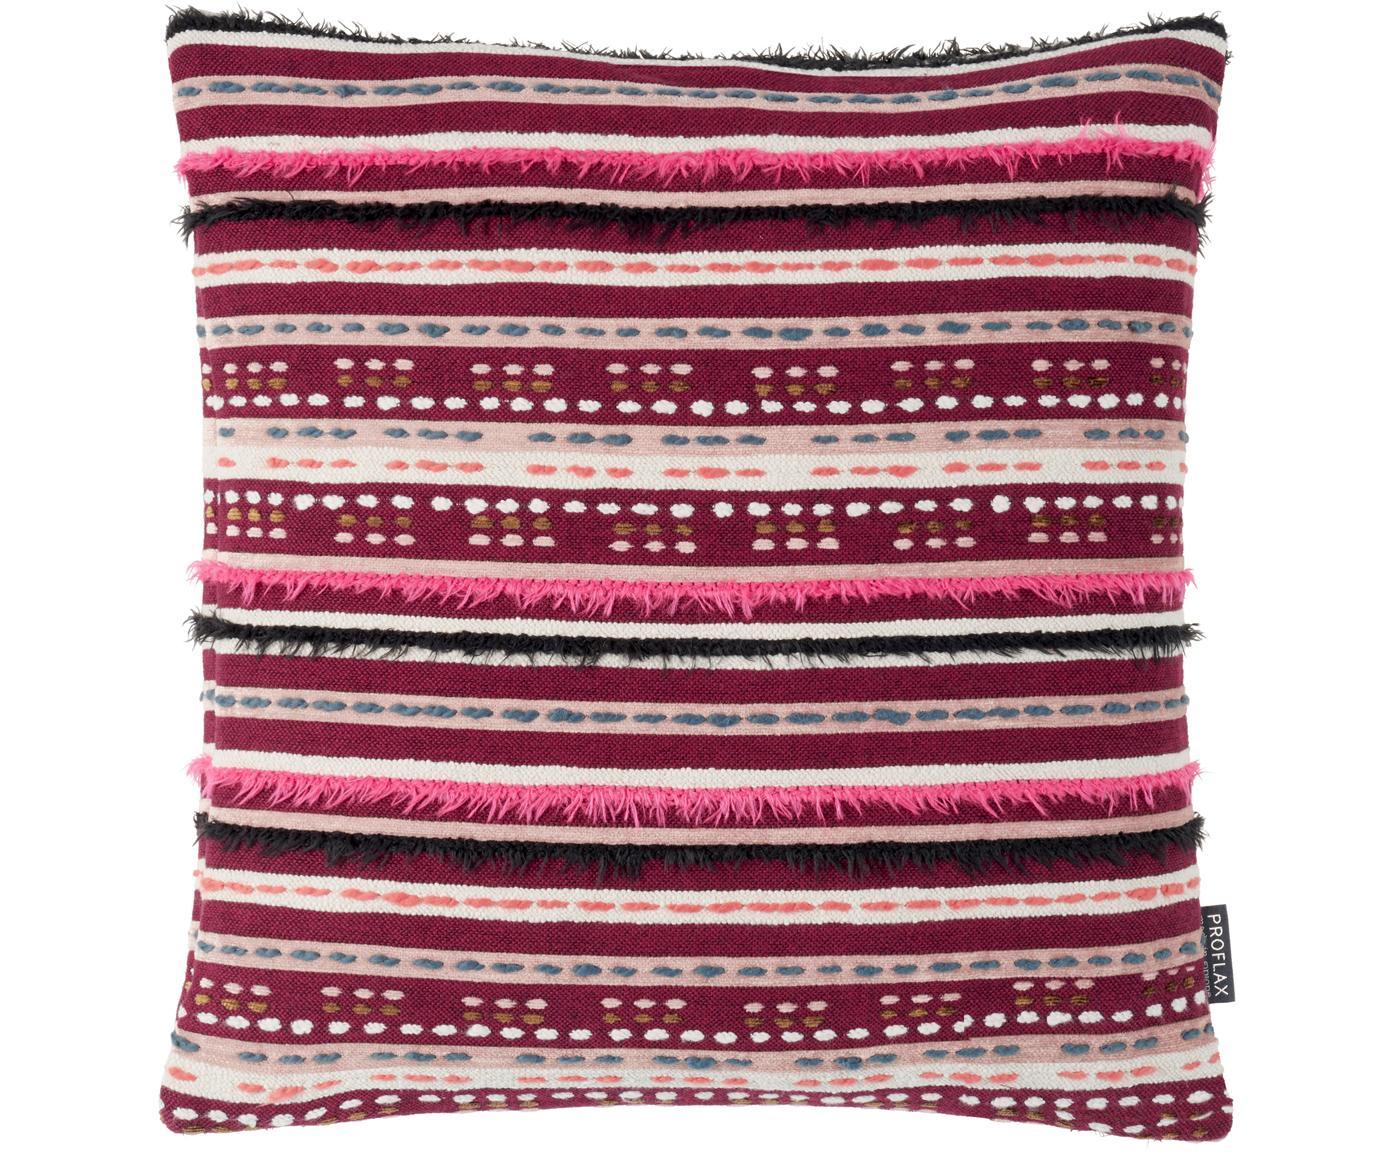 Kissenhülle Camino mit Fransen und bestickten Details, 49% Baumwolle, 39% Viskose, 12% Polyacryl, Rot, Mehrfarbig, 45 x 45 cm